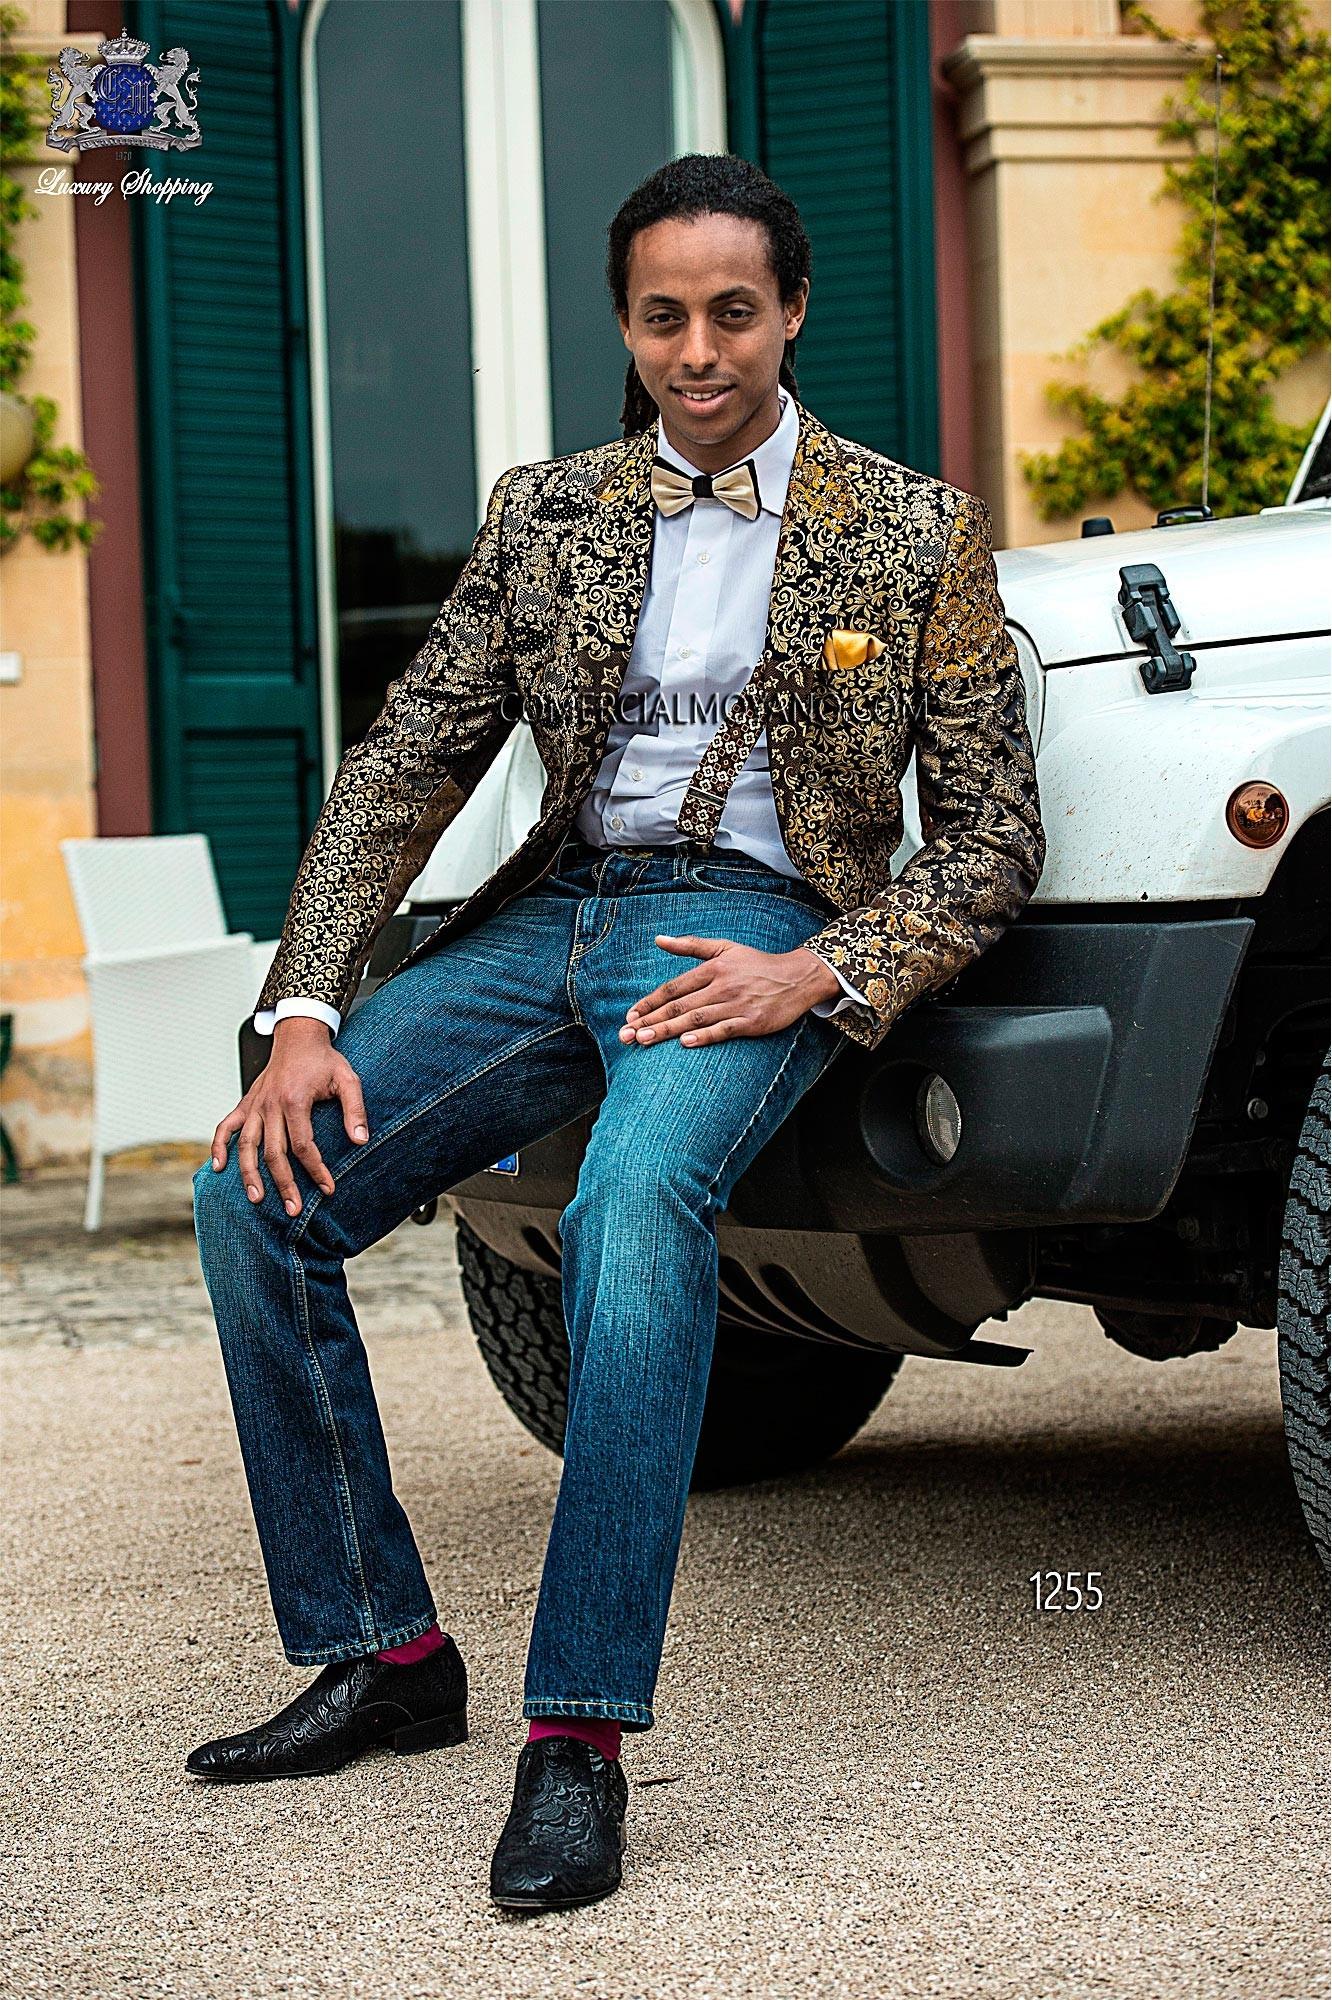 Traje de novio Hipster oro-negro modelo: 1255 Ottavio Nuccio Gala colección Hipster